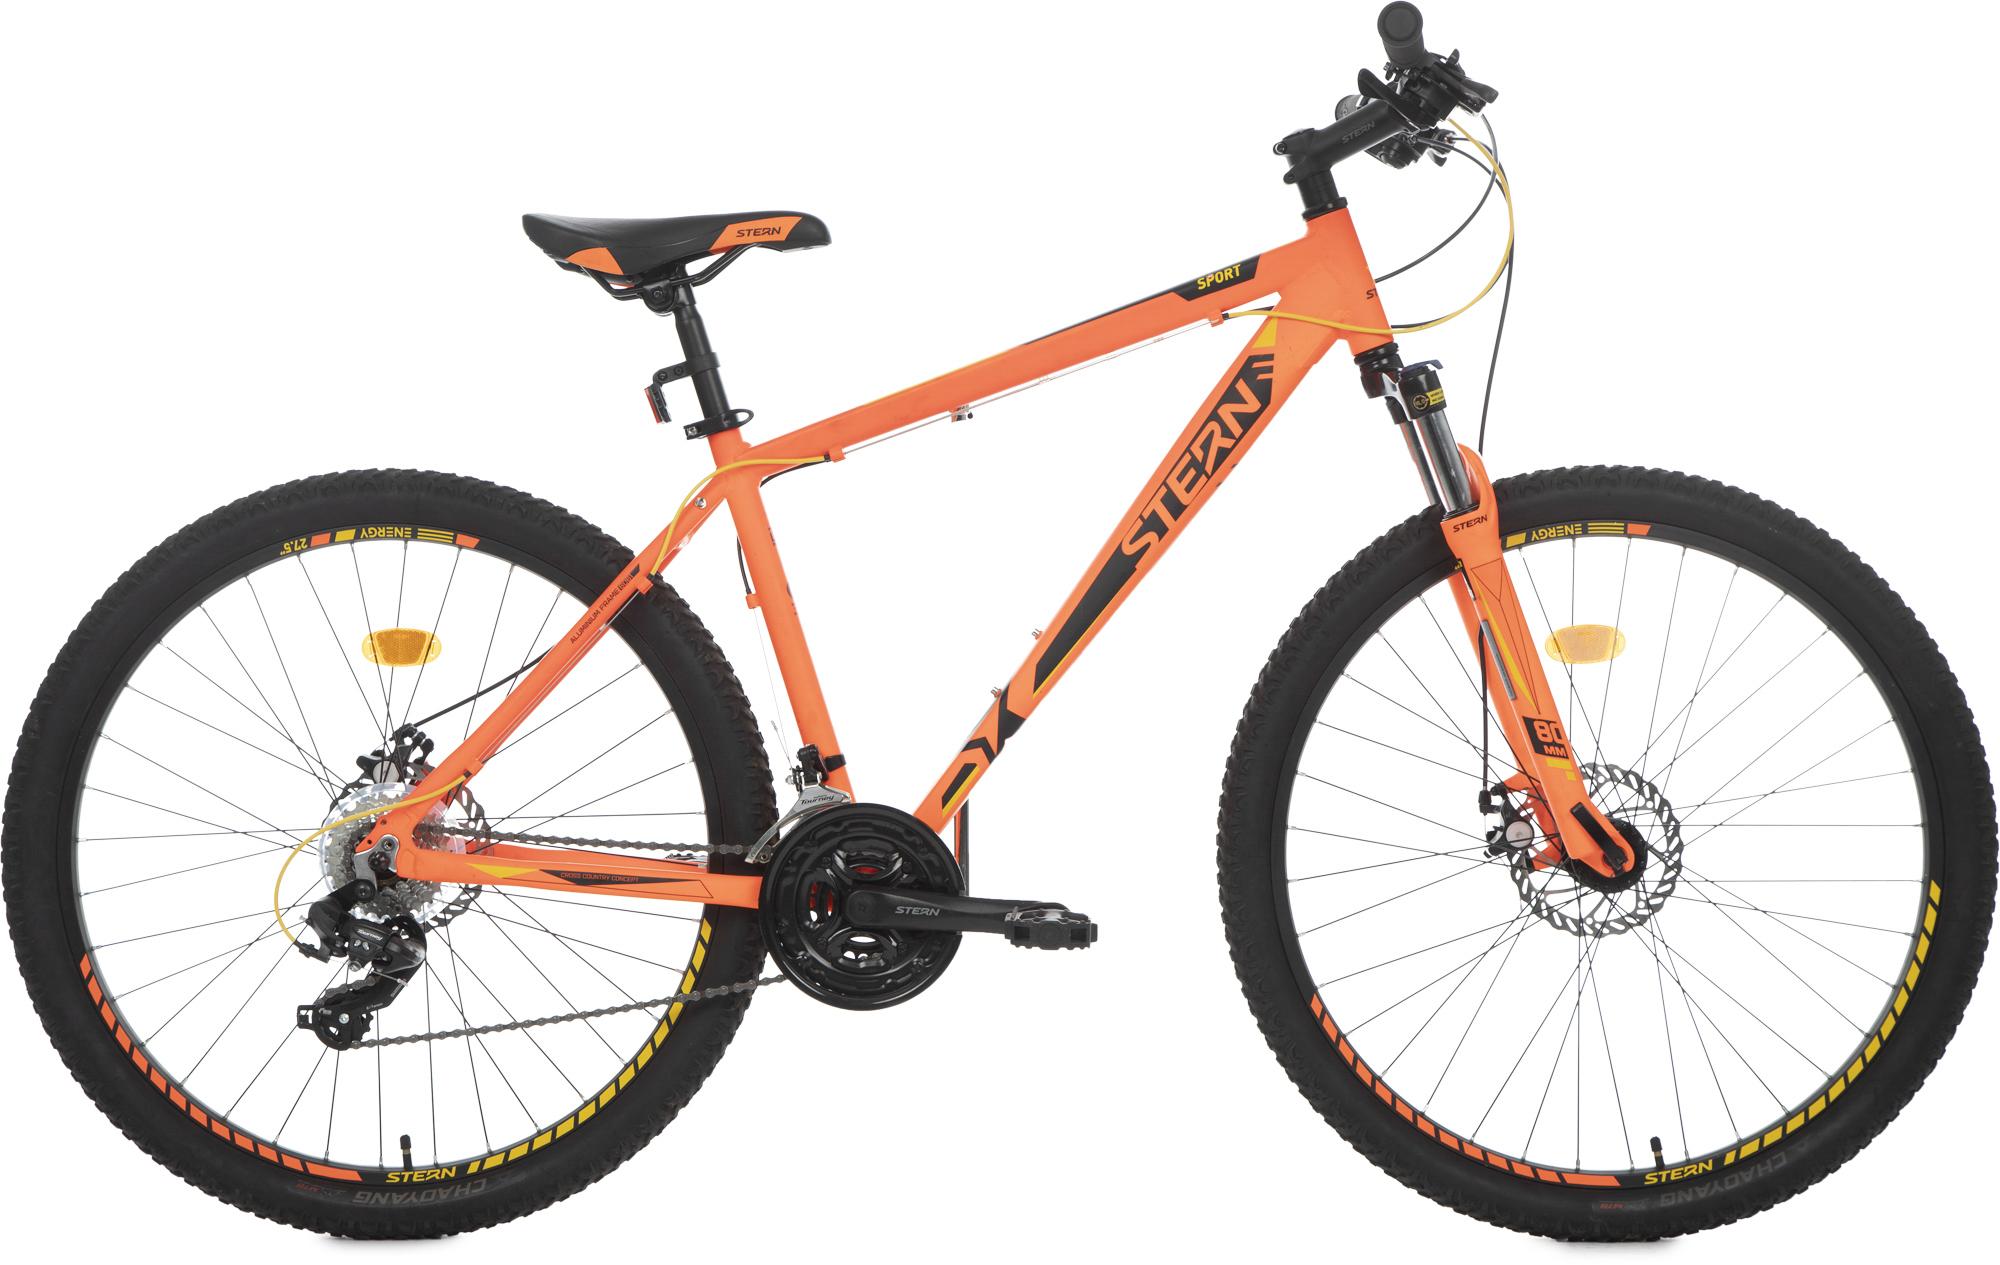 Stern Велосипед горный Stern Energy 2.0 Sport 27,5 цена